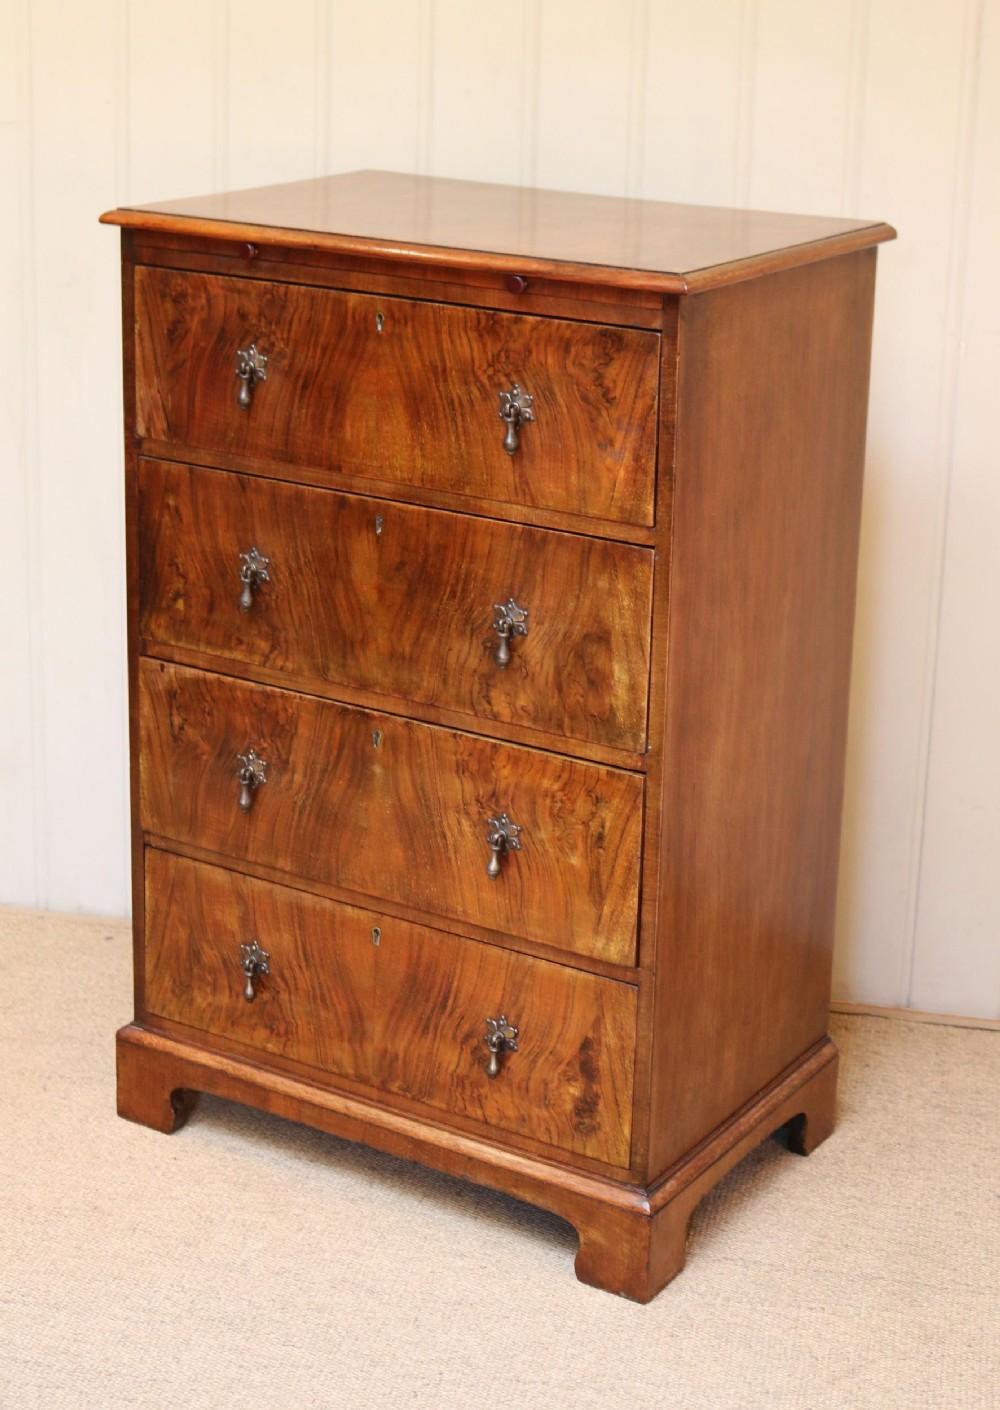 edwardian walnut chest of drawers